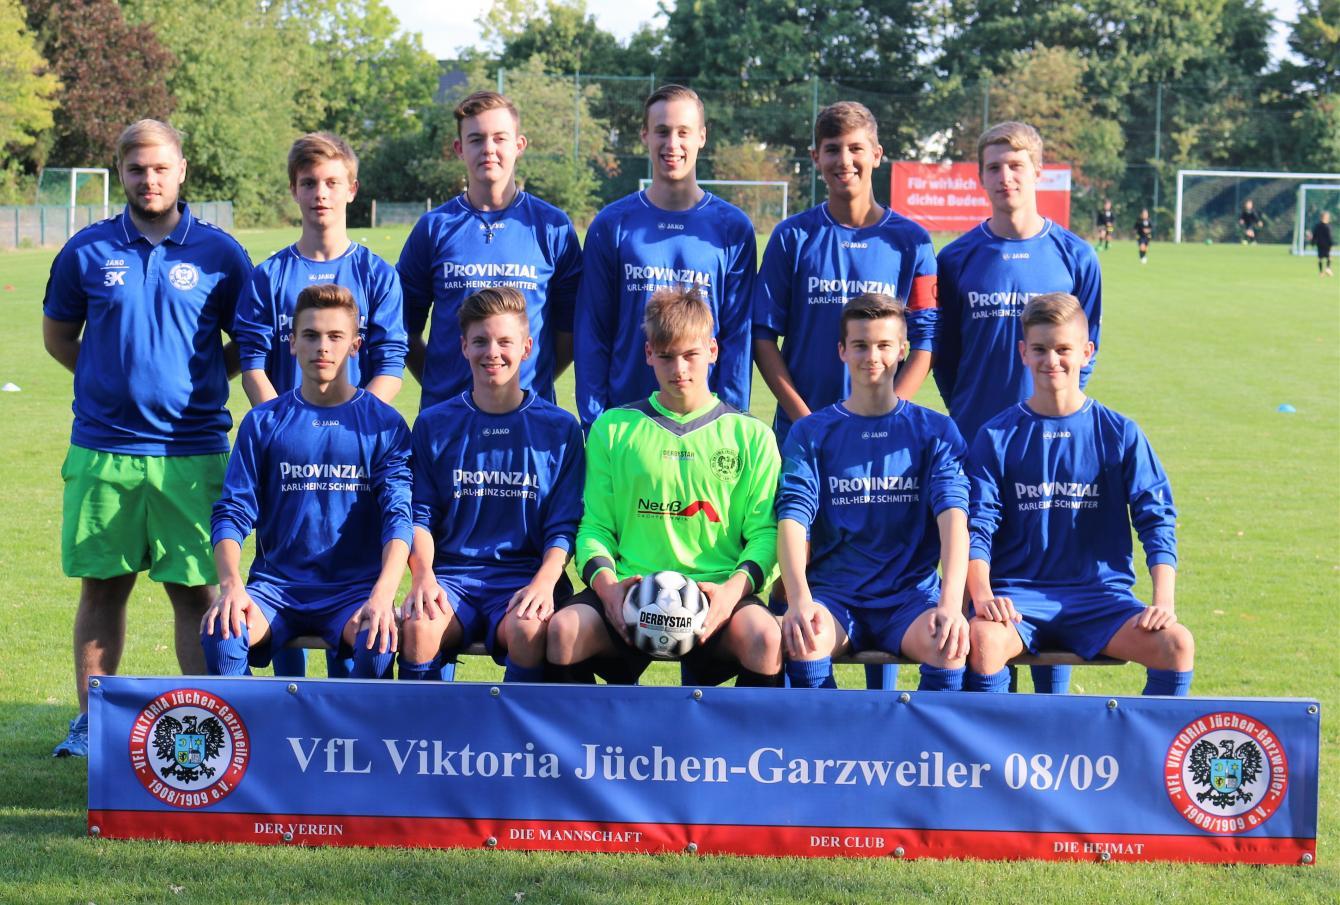 VfL Viktoria Jüchen-Garzweiler Jugend A-2